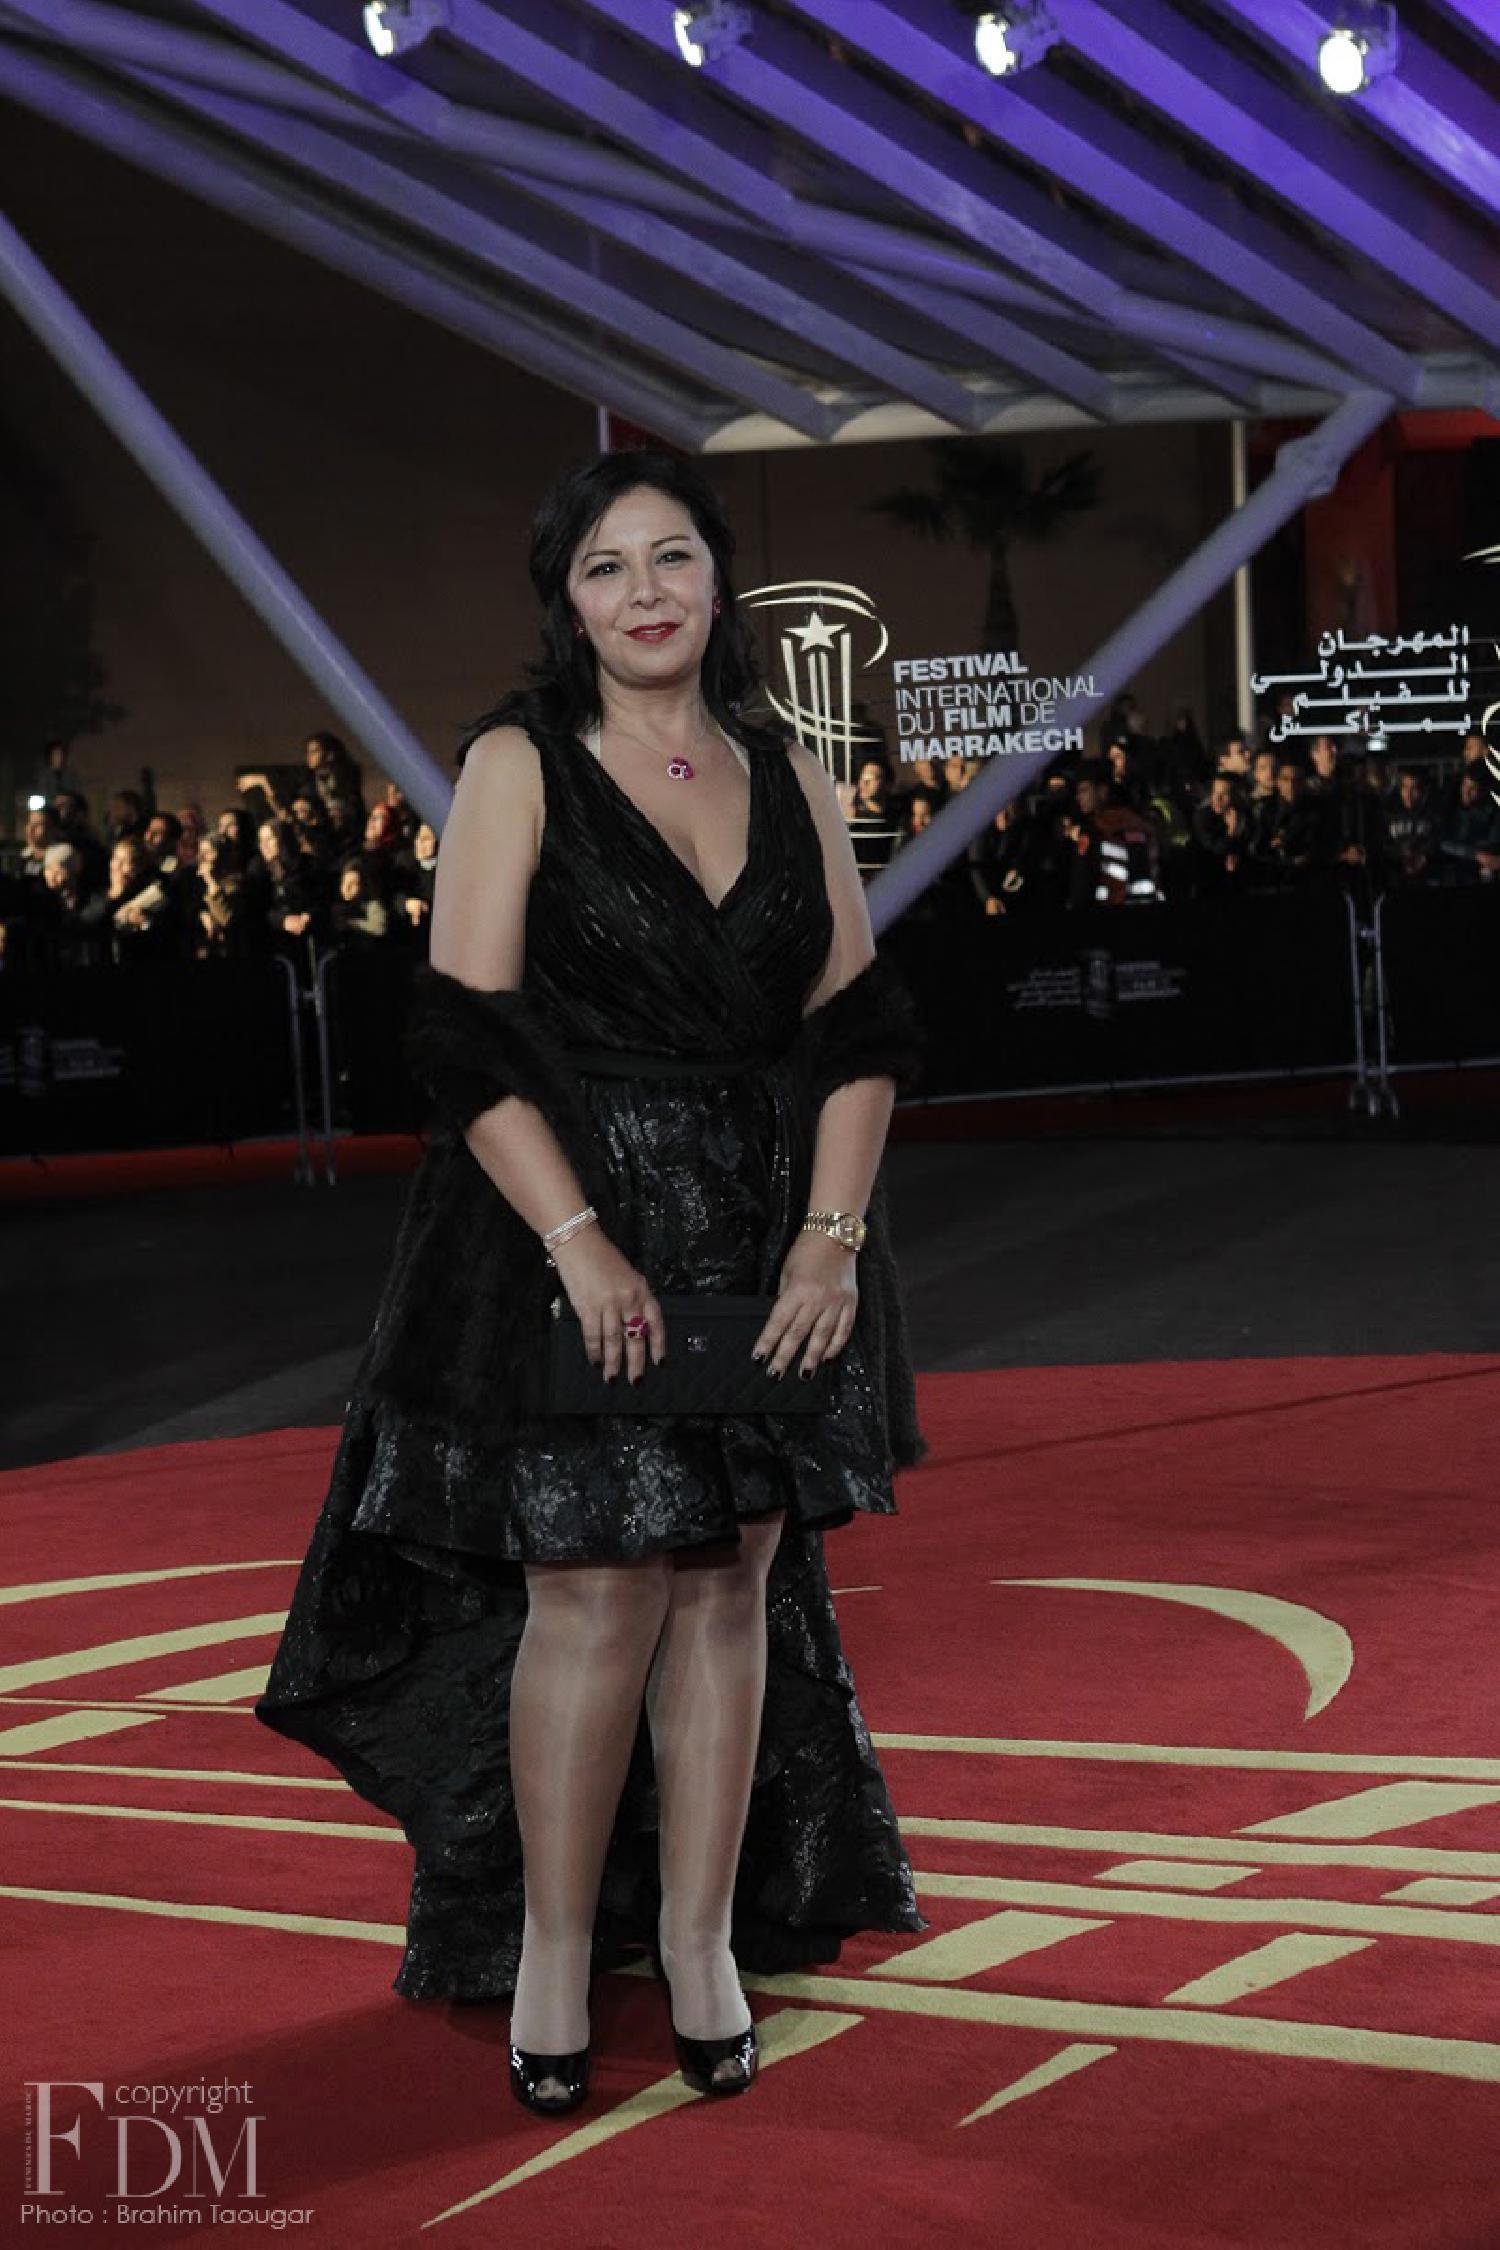 Le Festival du Film de Marrakech honore l'actrice marocaine Mouna Fettou